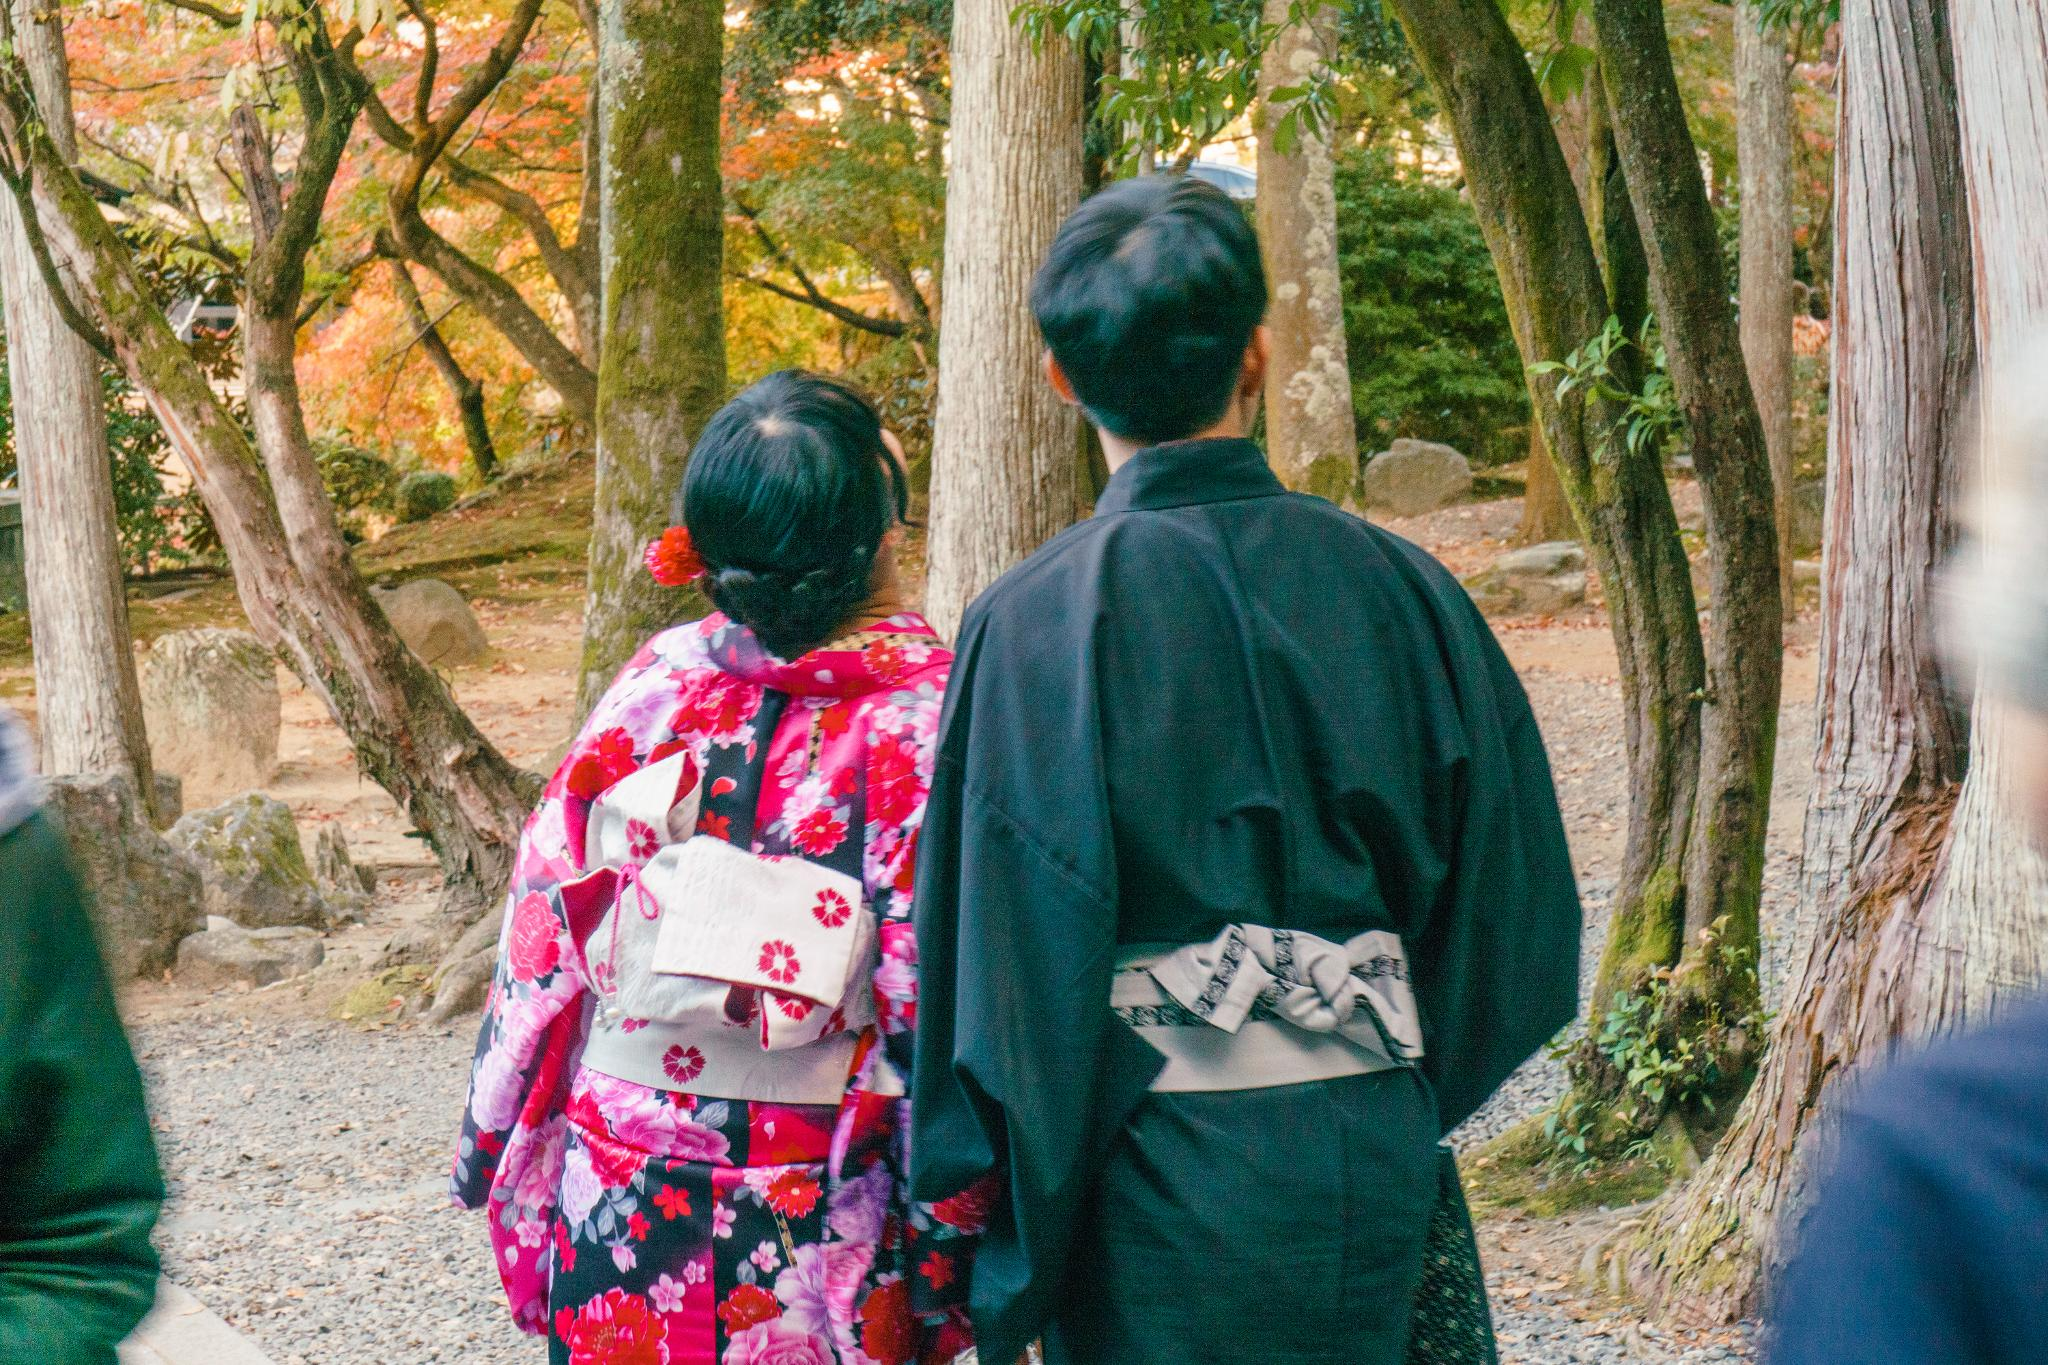 【京都】秋光葉影的古寺散策 - 南禪寺 101